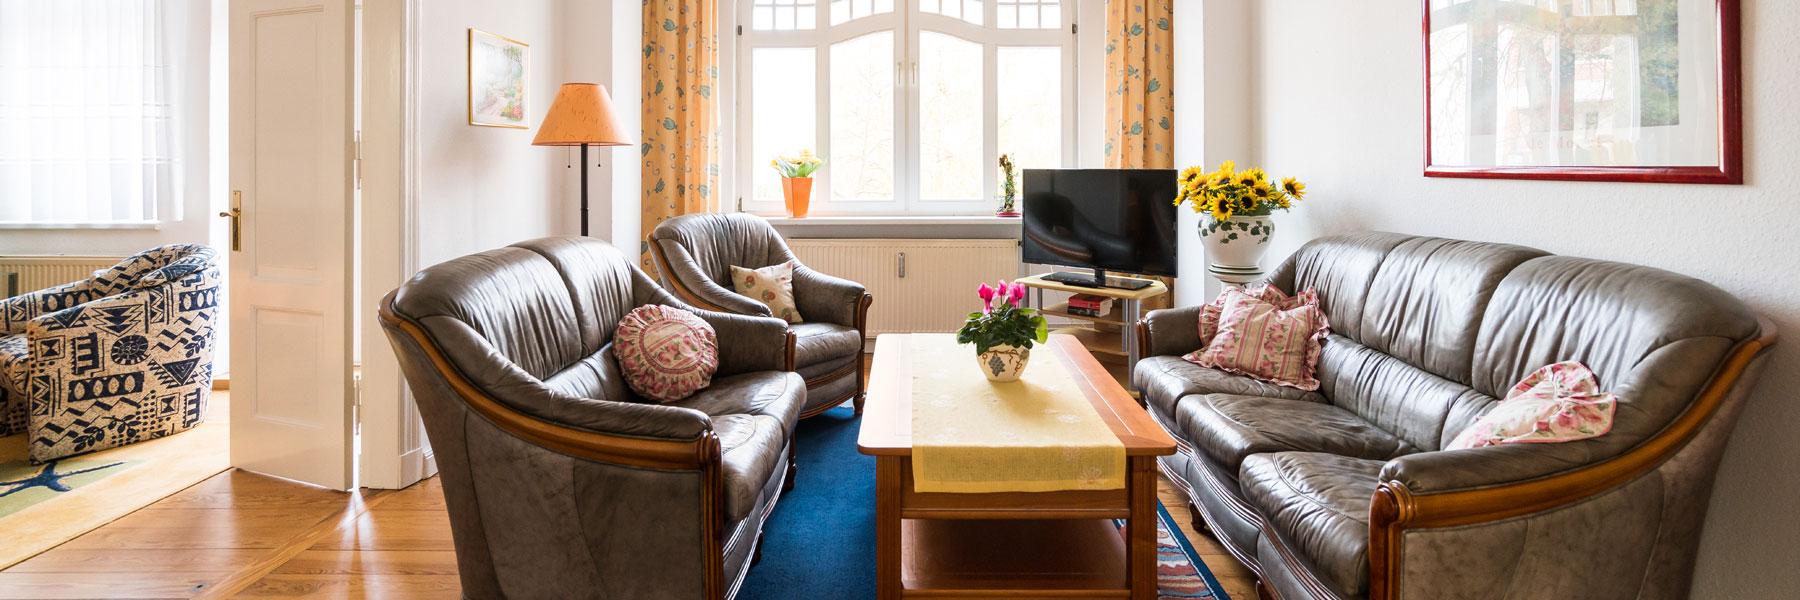 Wohnzimmer - Ferienwohnungen Bork